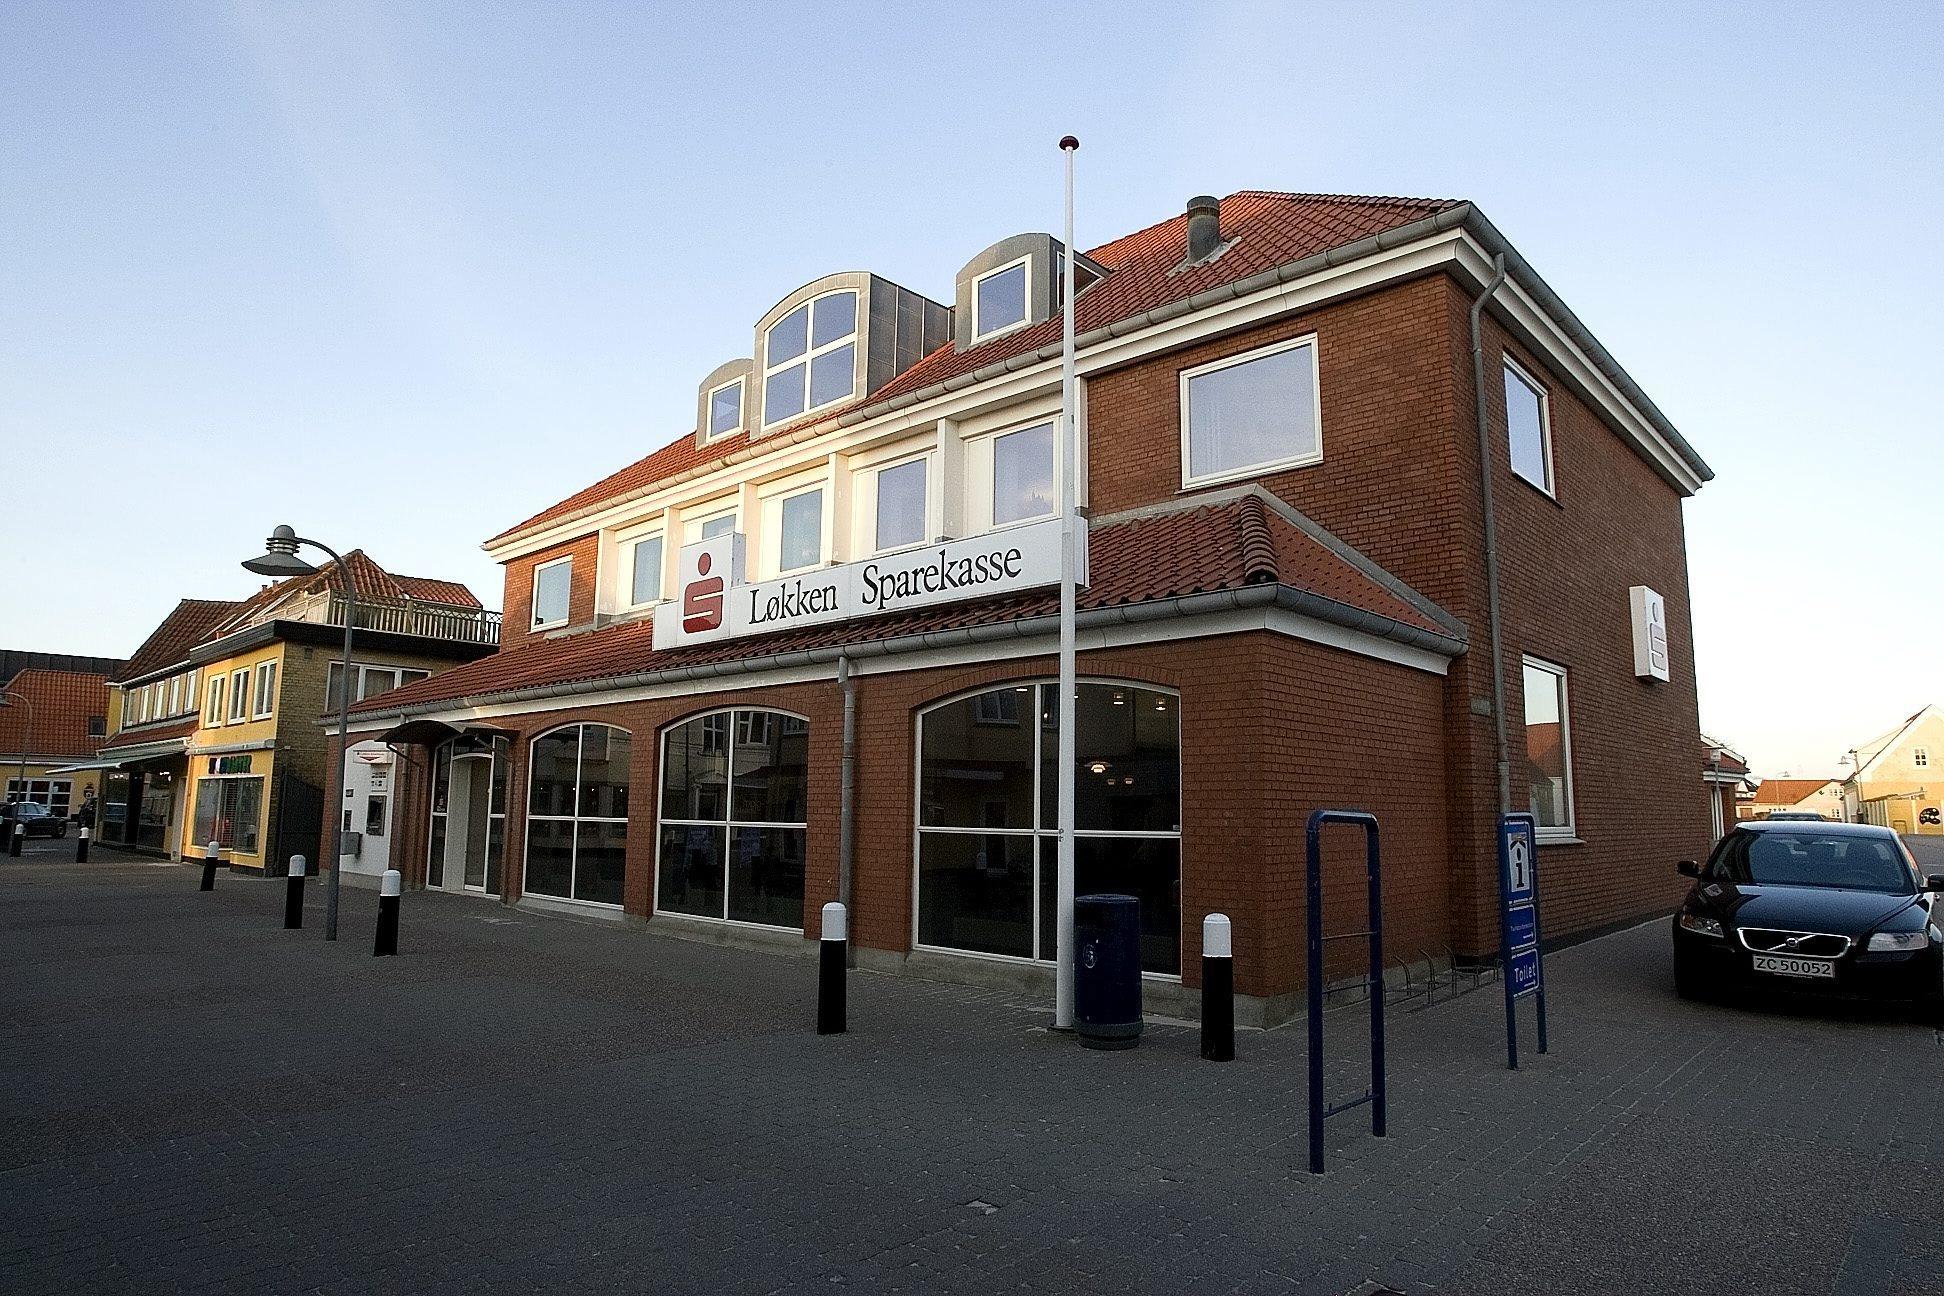 Revisor i Løkken Sparekasse: Der var styr på papirerne - først i 2008 løb tingene af sporet